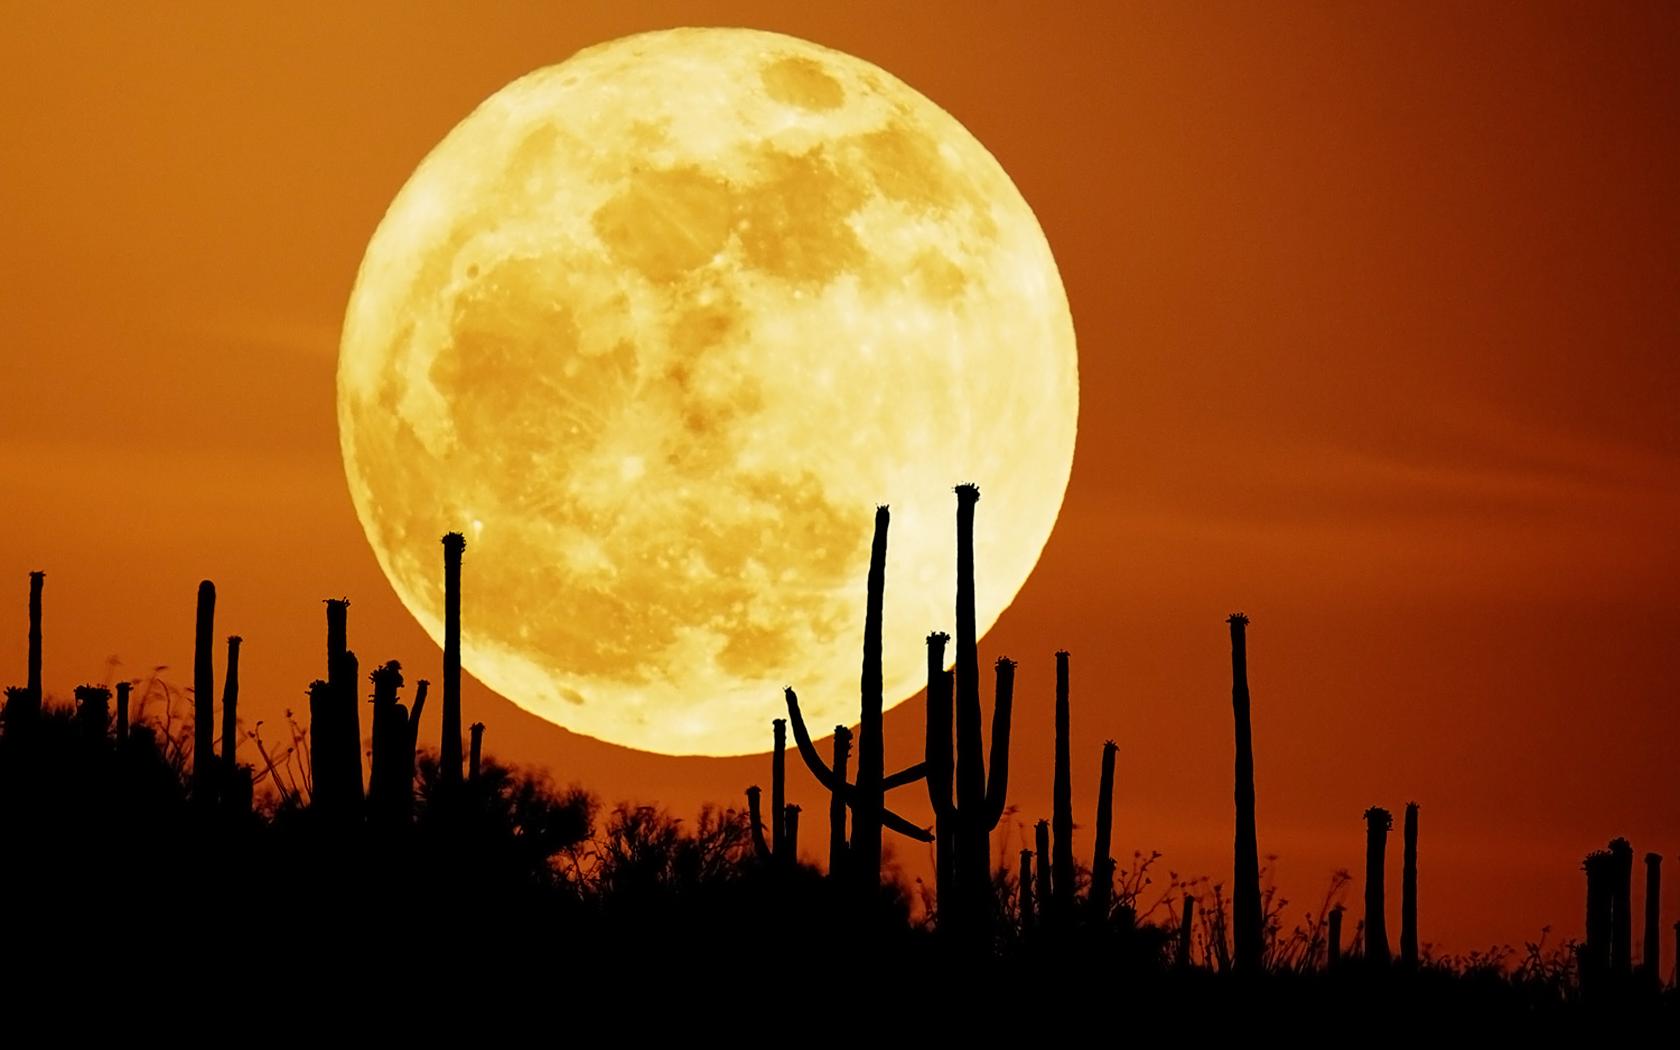 оранжевое небо и луна, скачать фото, moon